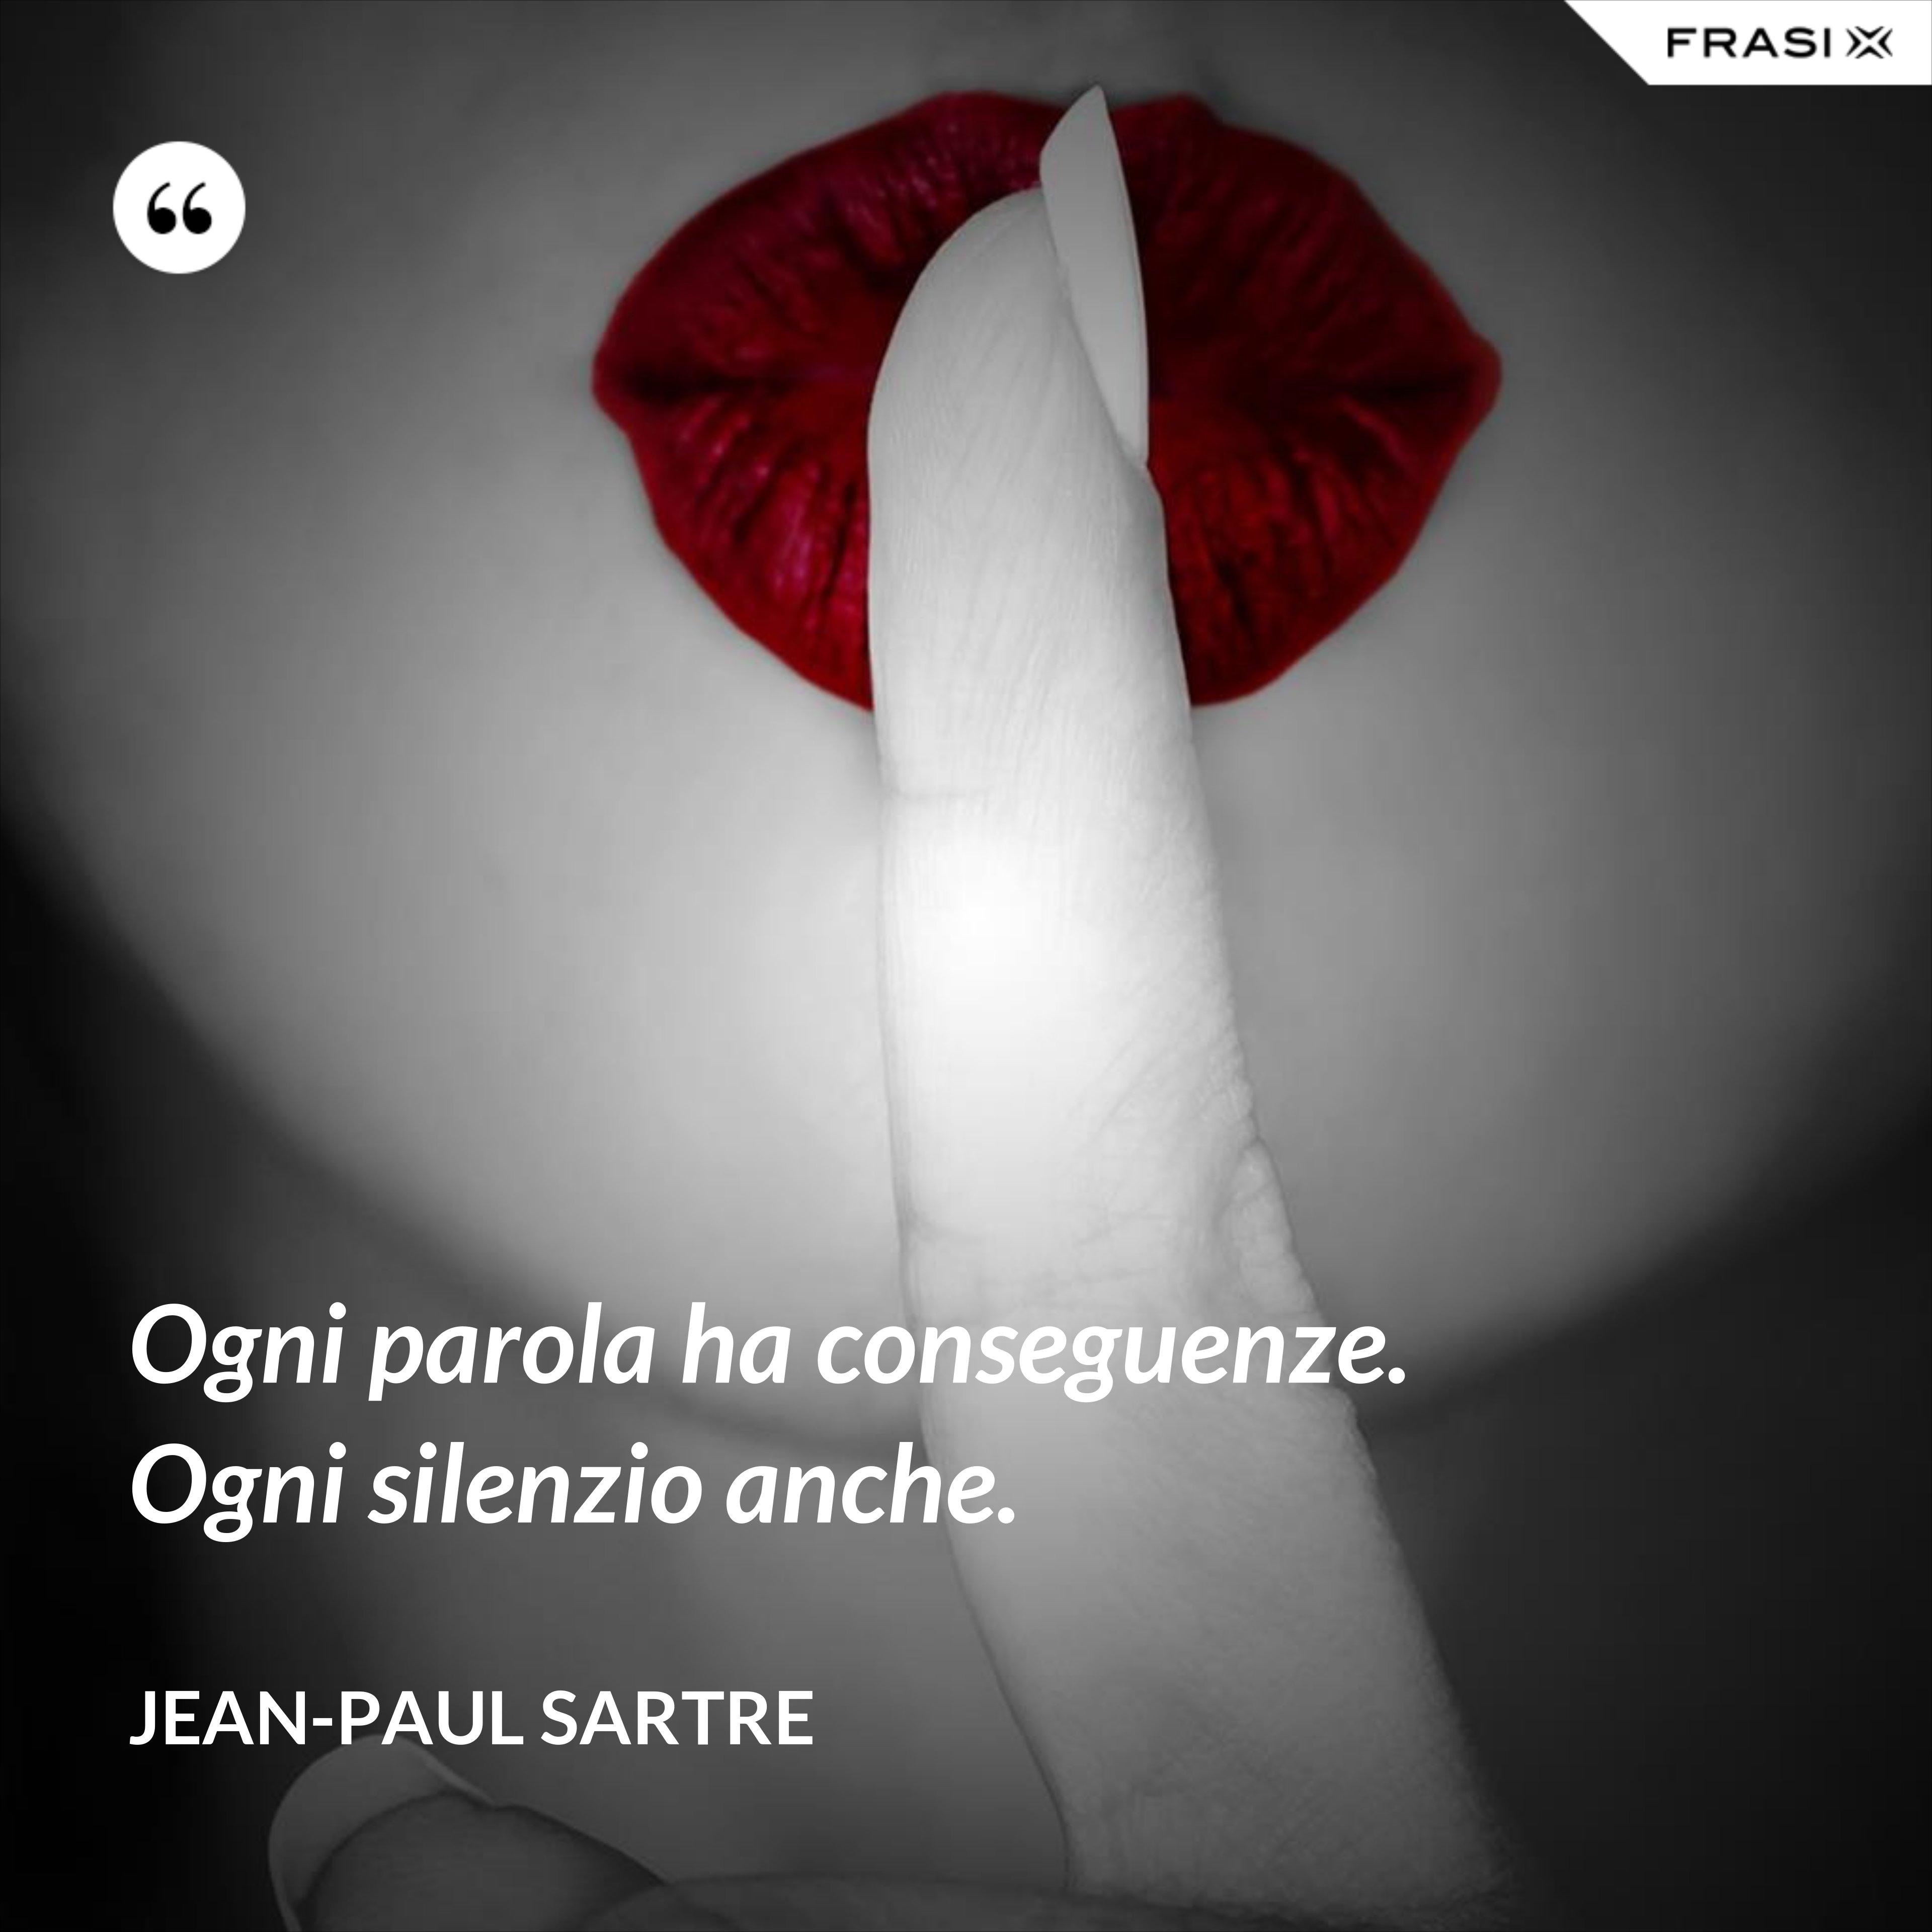 Ogni parola ha conseguenze. Ogni silenzio anche. - Jean-Paul Sartre